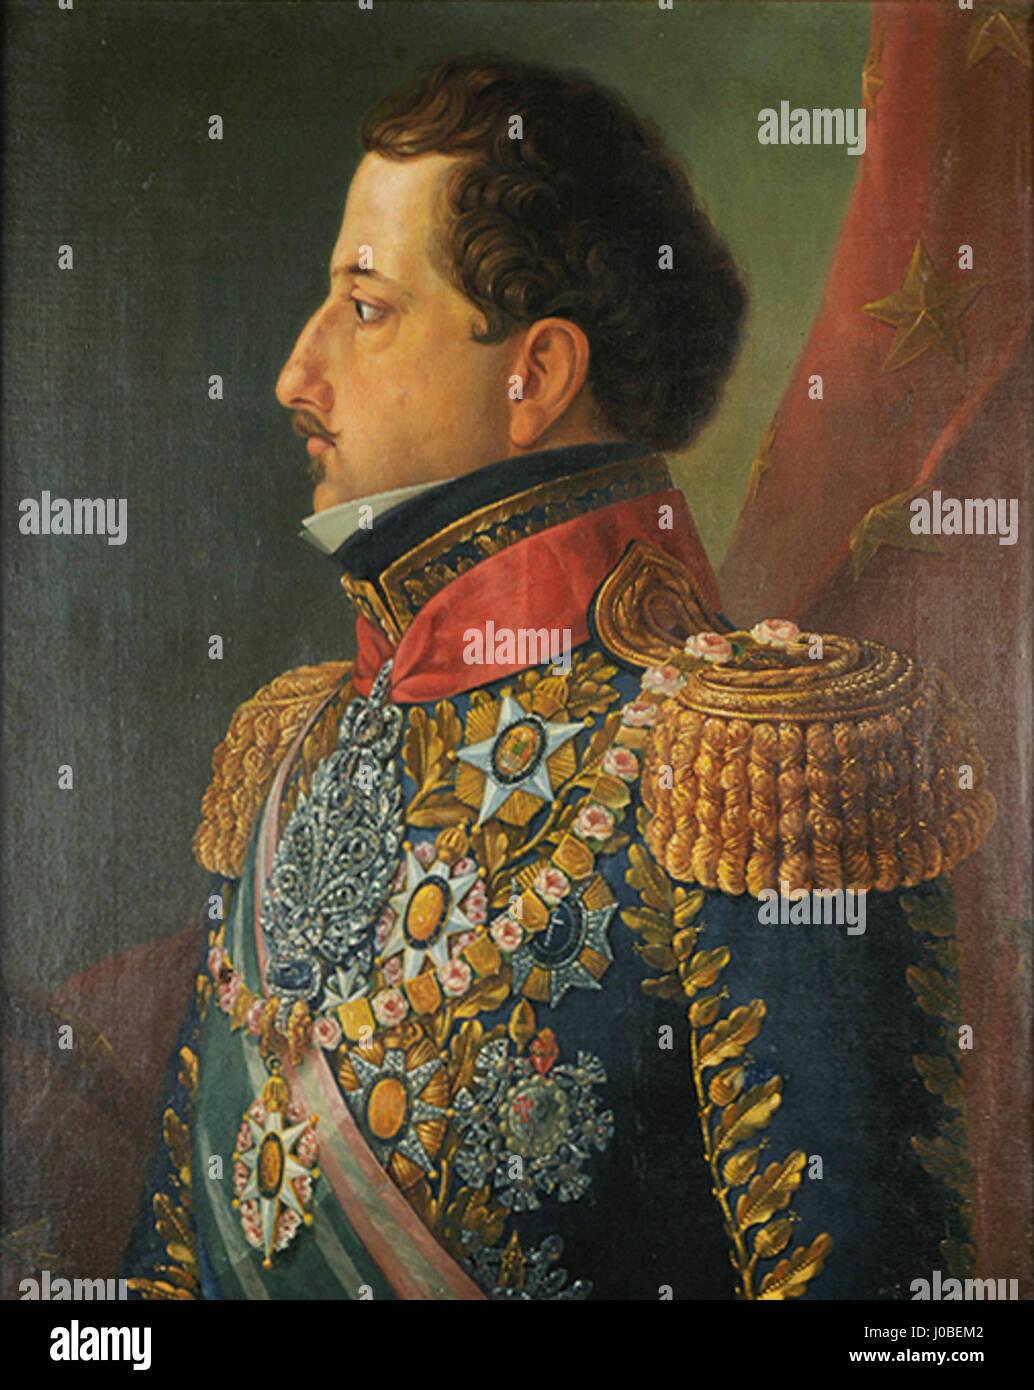 Manuel de Araújo Porto Alegre - Retrato de D. Pedro I Foto de stock